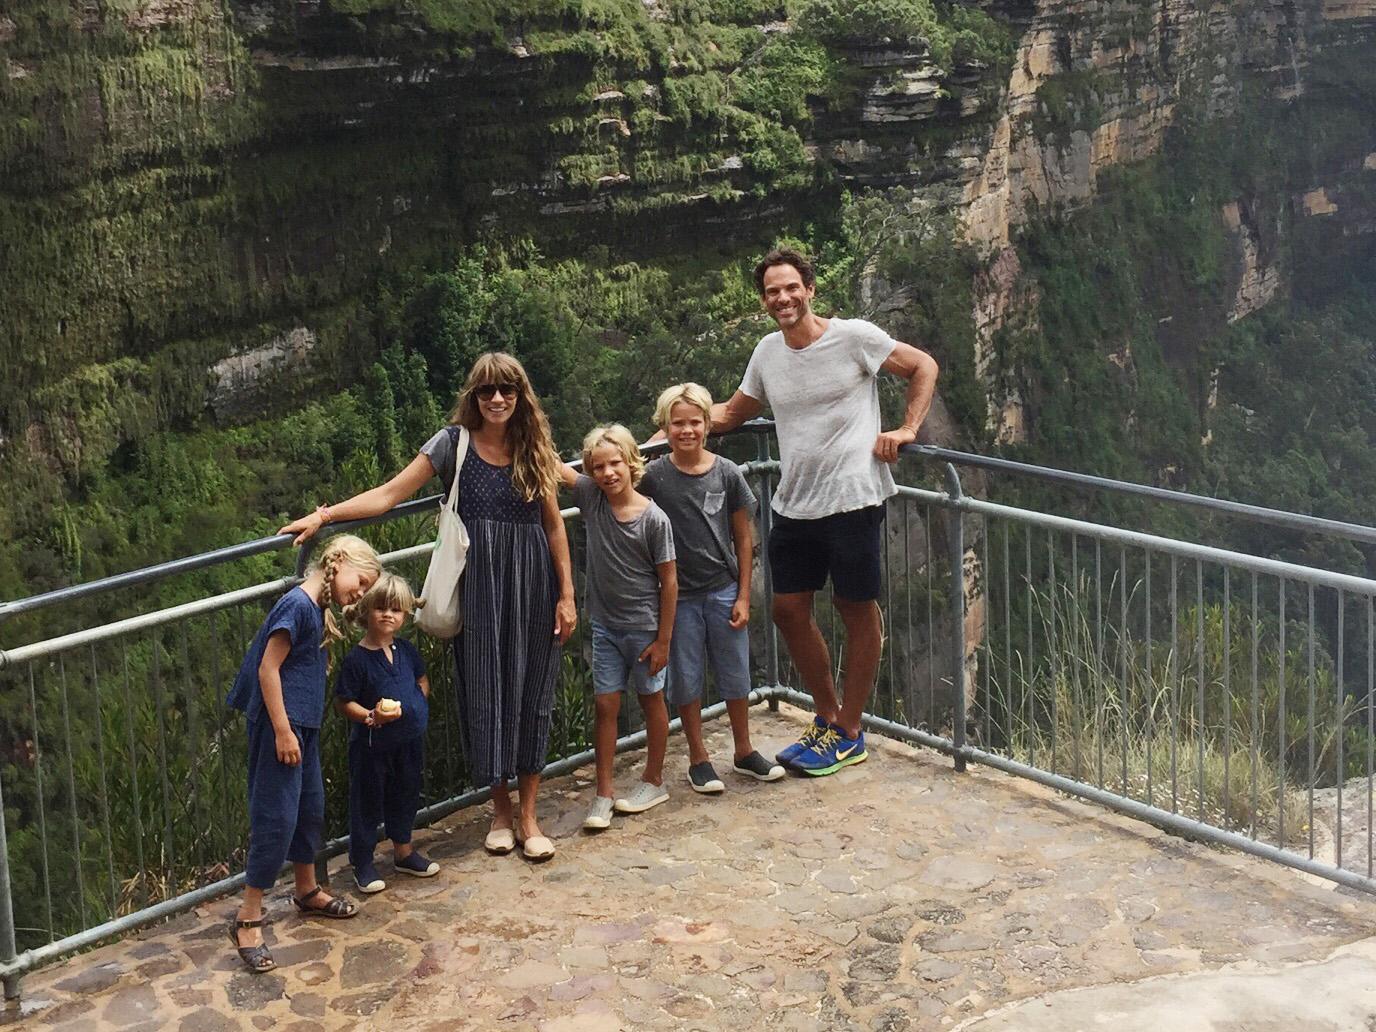 A To The Slower Return Blue Somewhere MountainsAustralia dCxerEoQBW